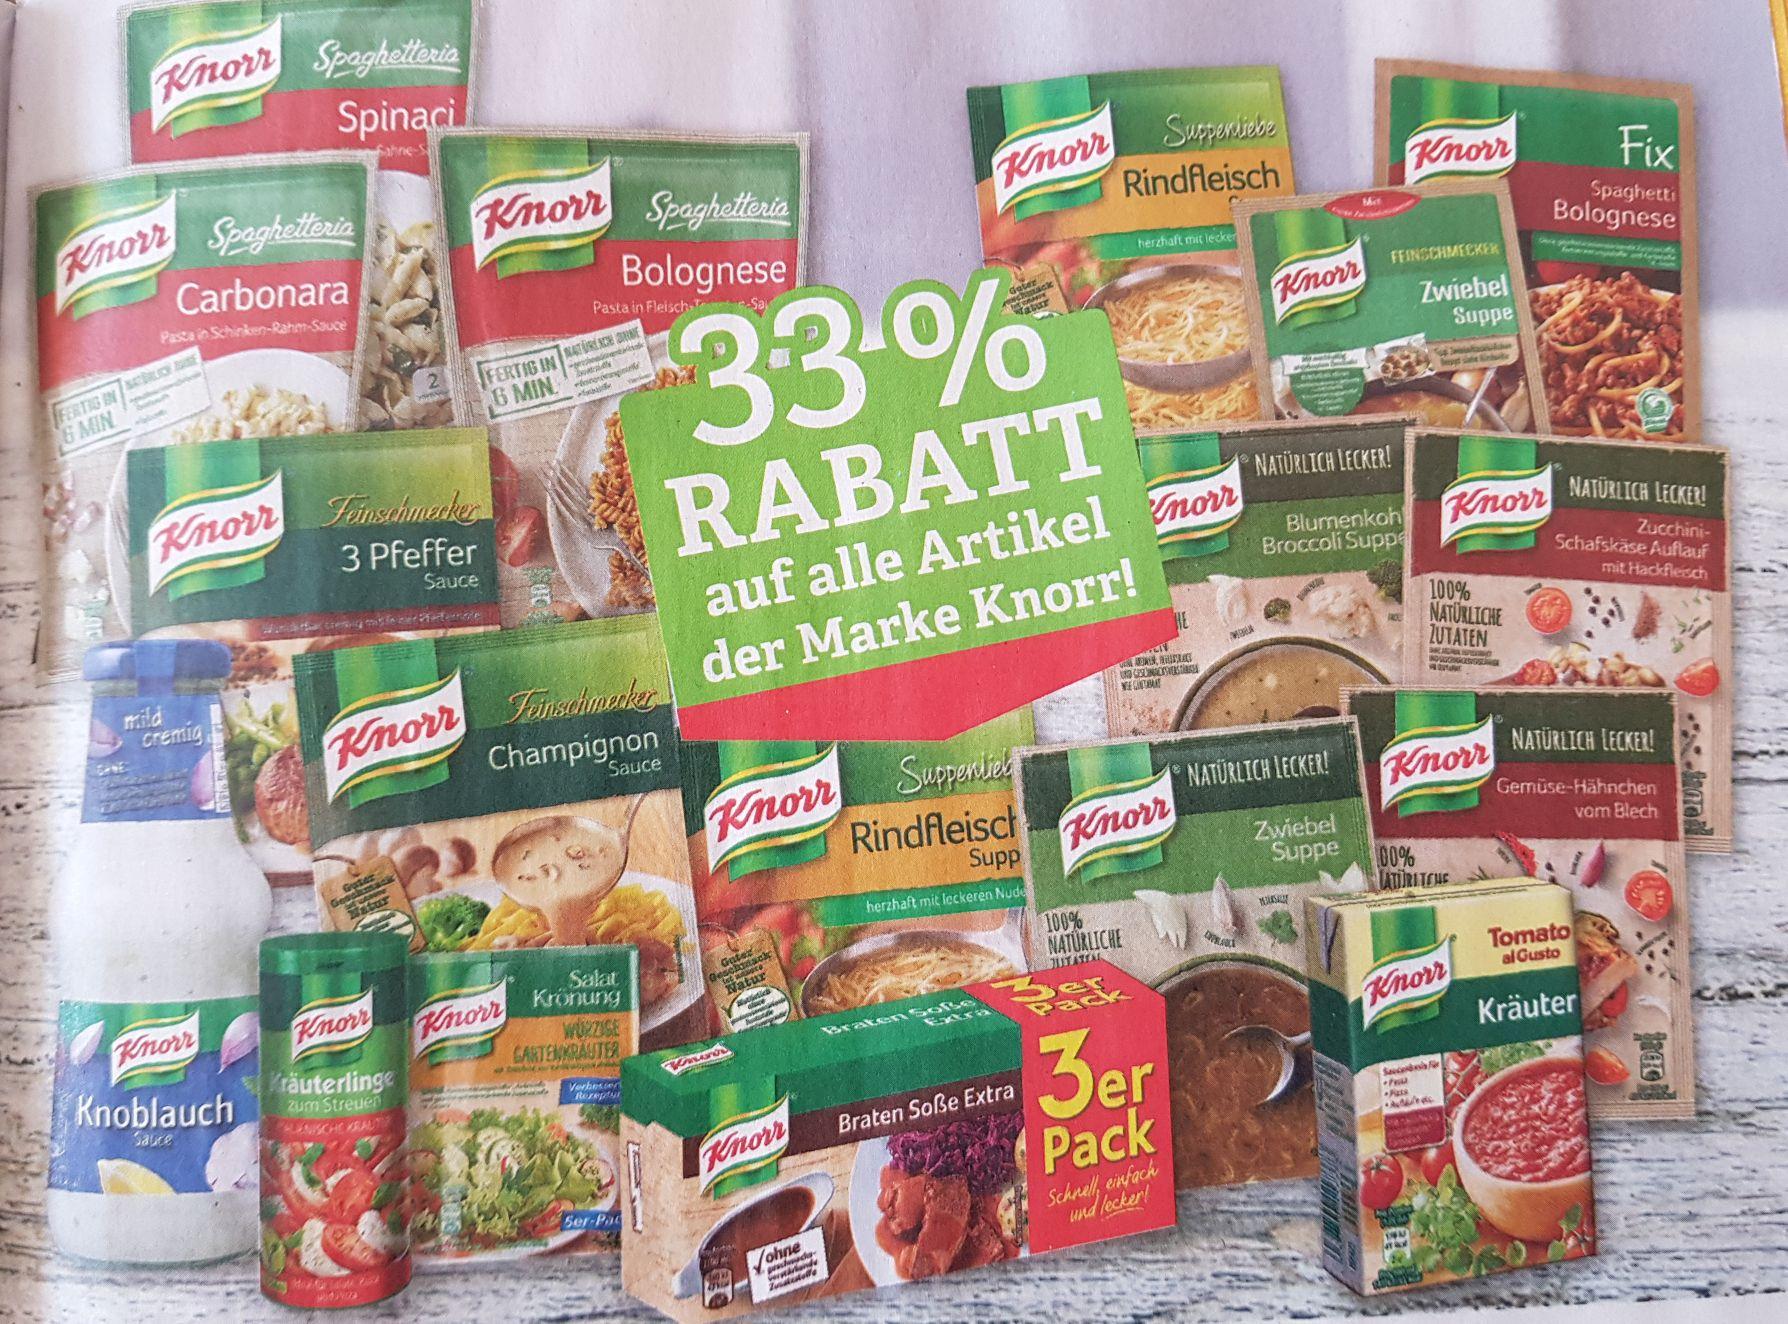 33% Rabatt auf alle Artikel der Marke Knorr [Marktkauf]